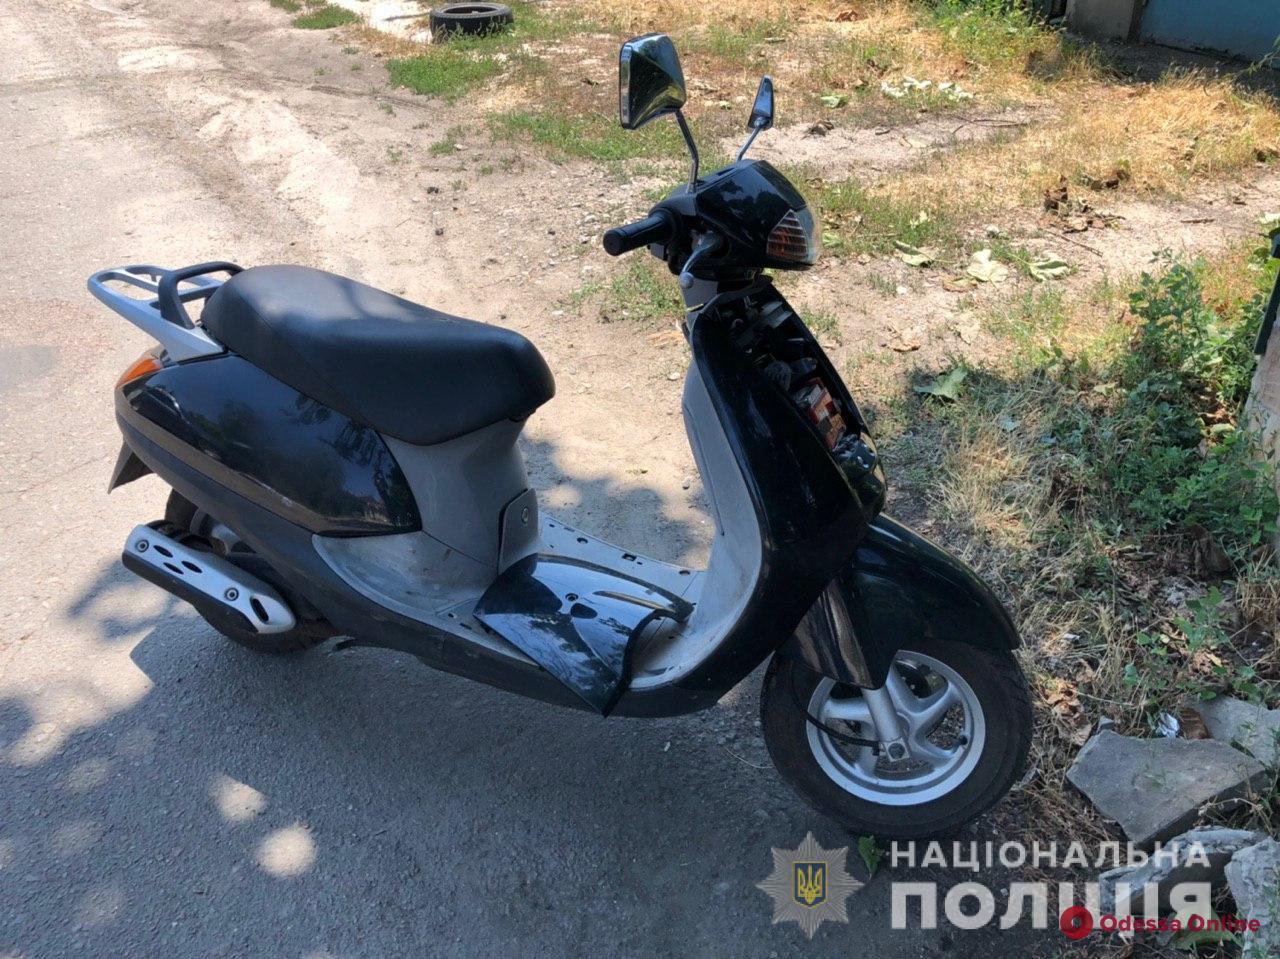 В Одессе подросток не смог завести украденный мопед и покатил его на СТО